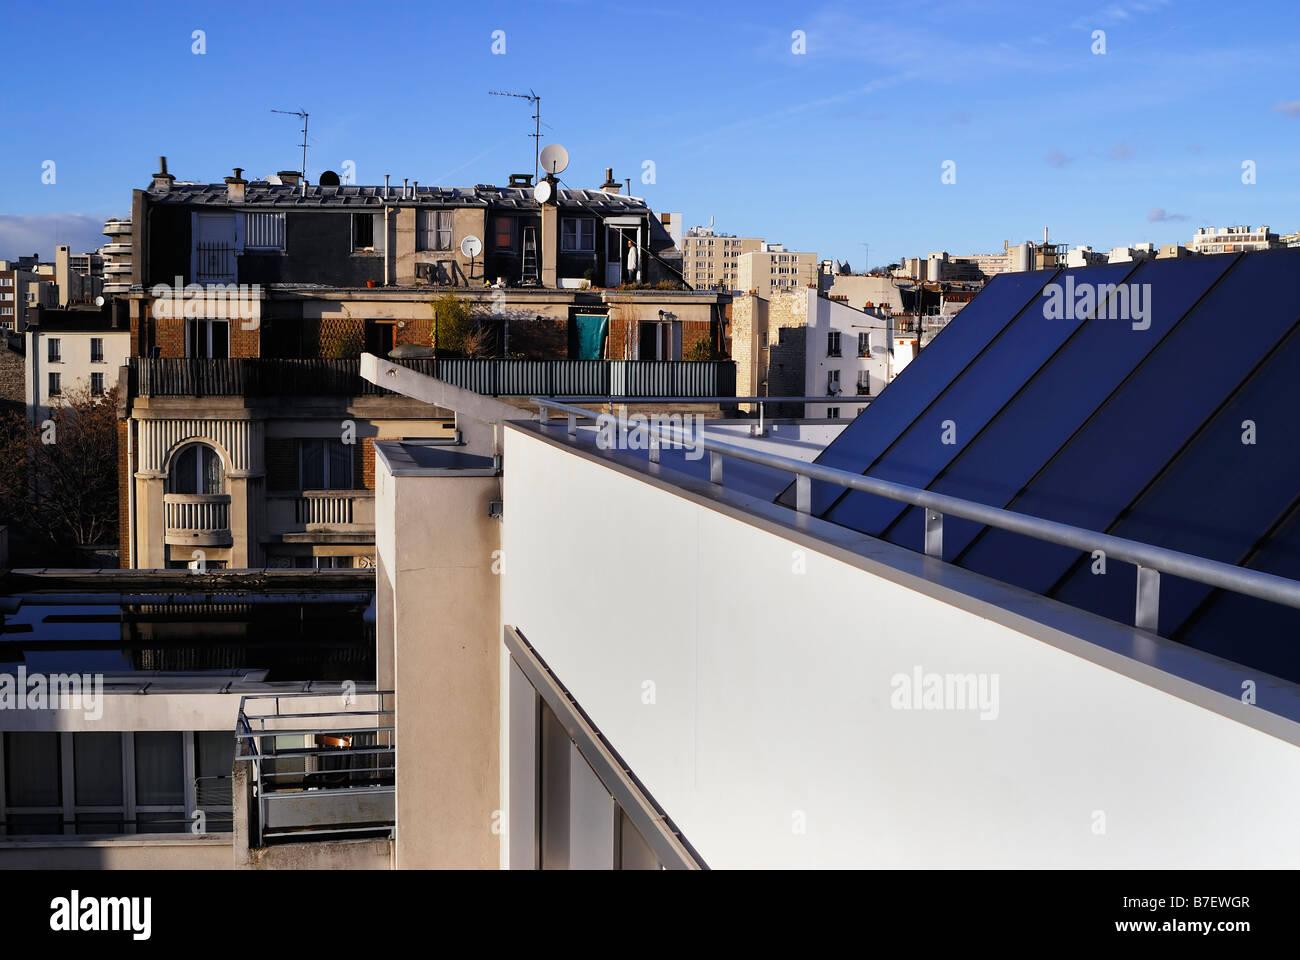 Paris France, Exterior Roof top View of Paris 'Renewable Energy' Apartment Building 'Council Estate' - Stock Image